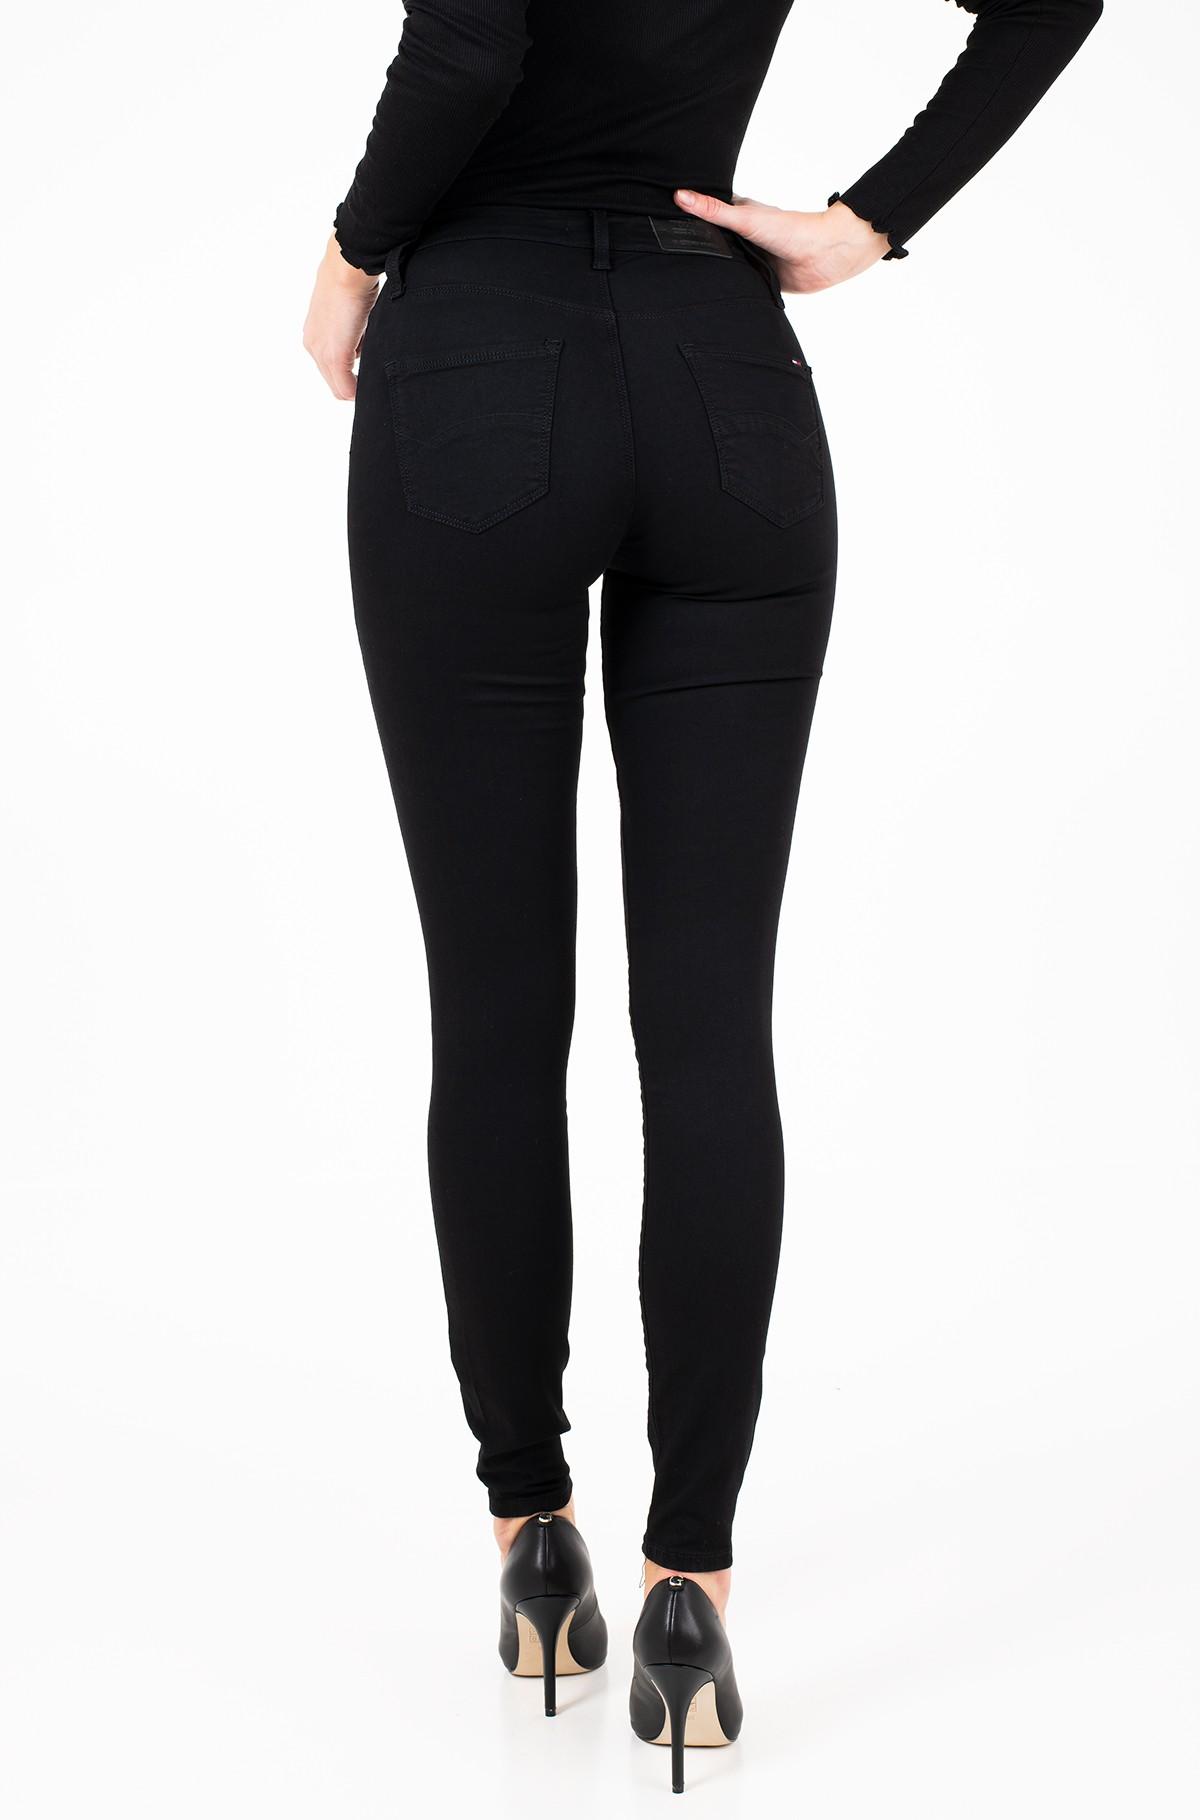 Jeans HIGH RISE SKINNY SANTANA DNBST-full-2